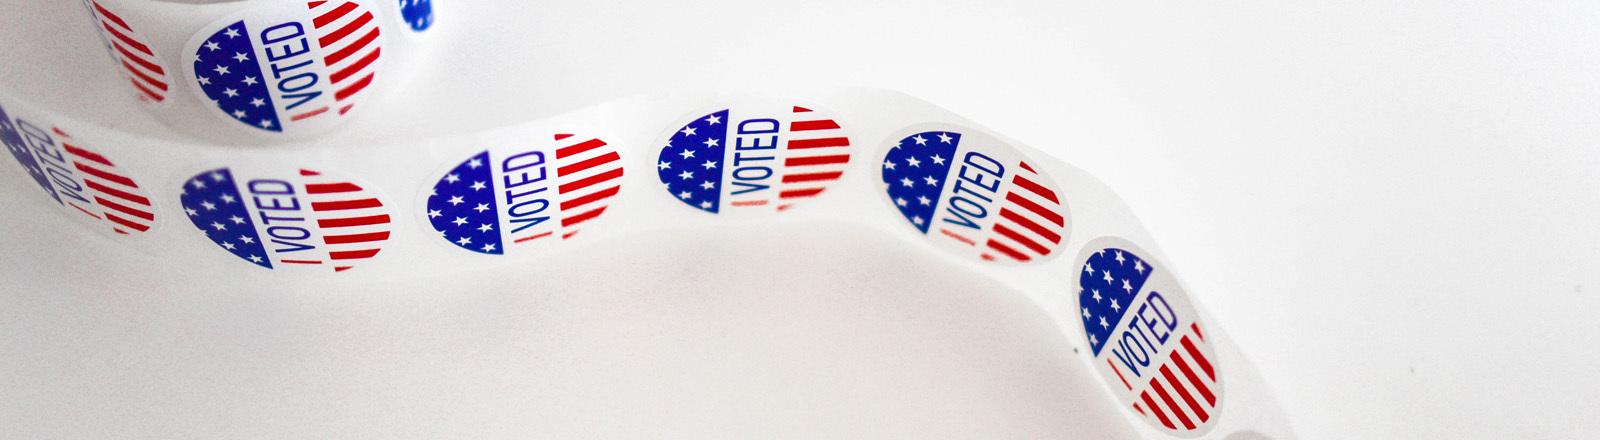 Sticker zur US-Wahl